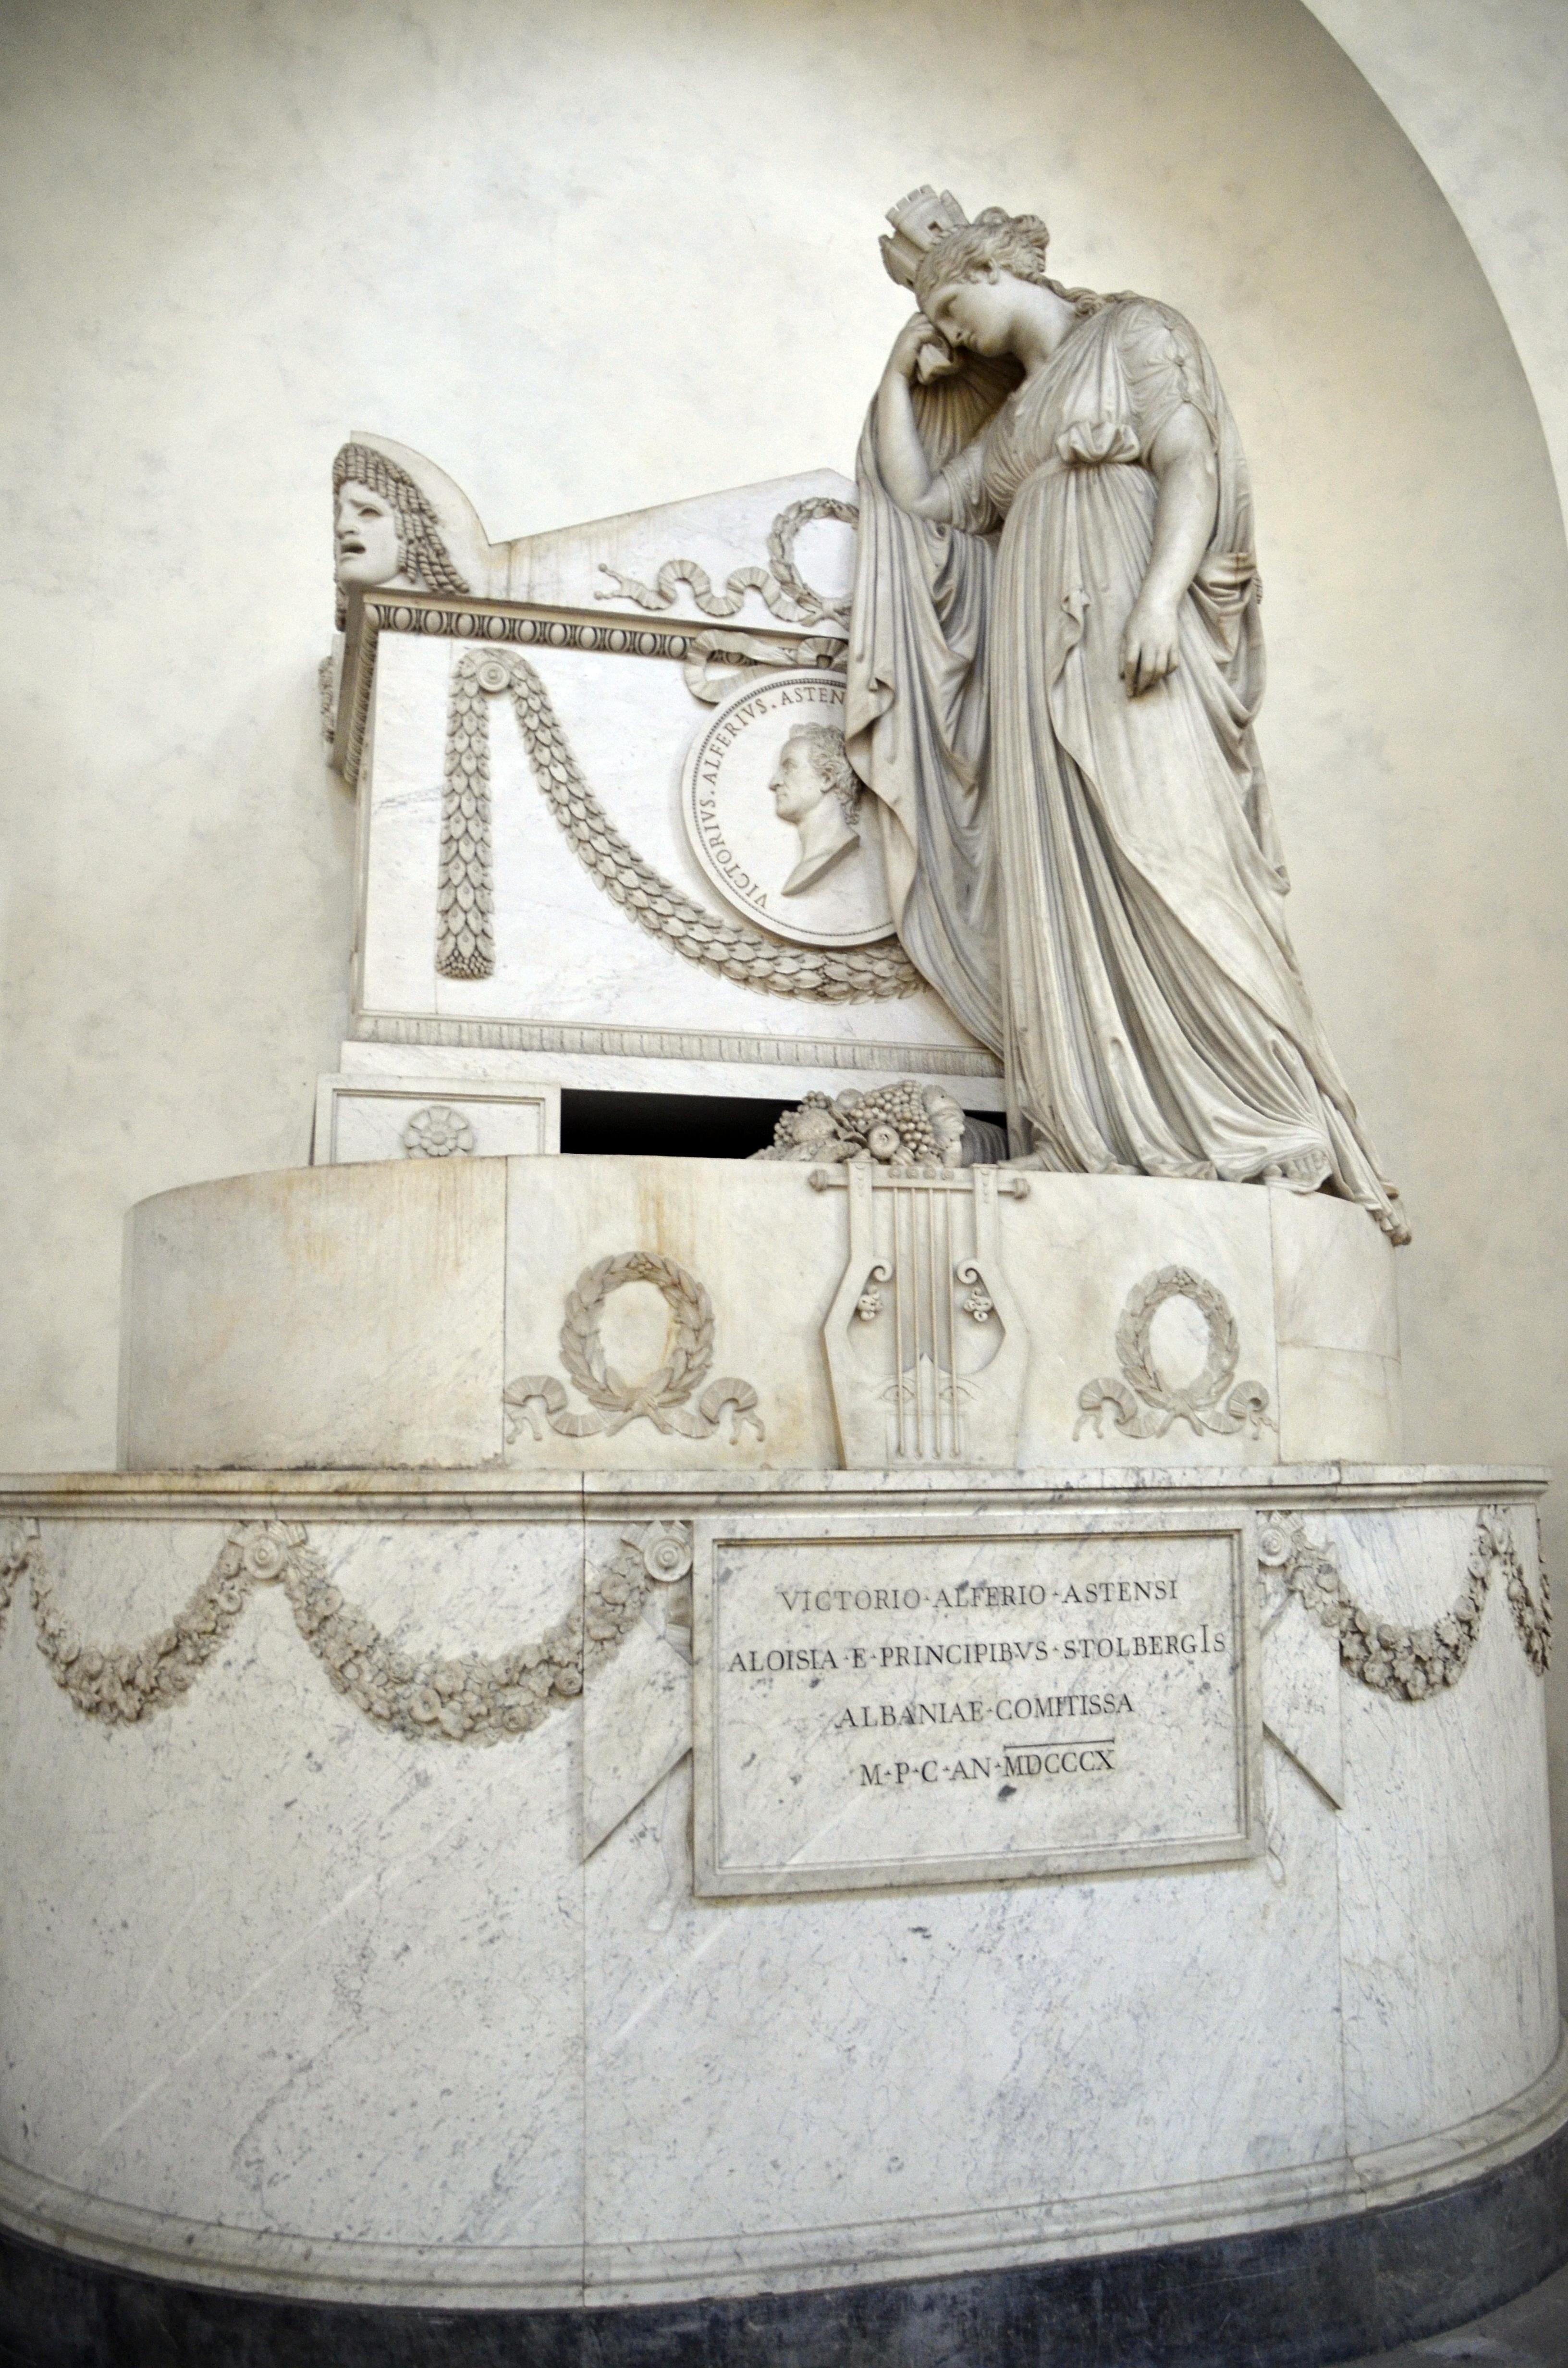 Monumento Funerário de Vittorio Alfieri. Foto de SpirosK photography